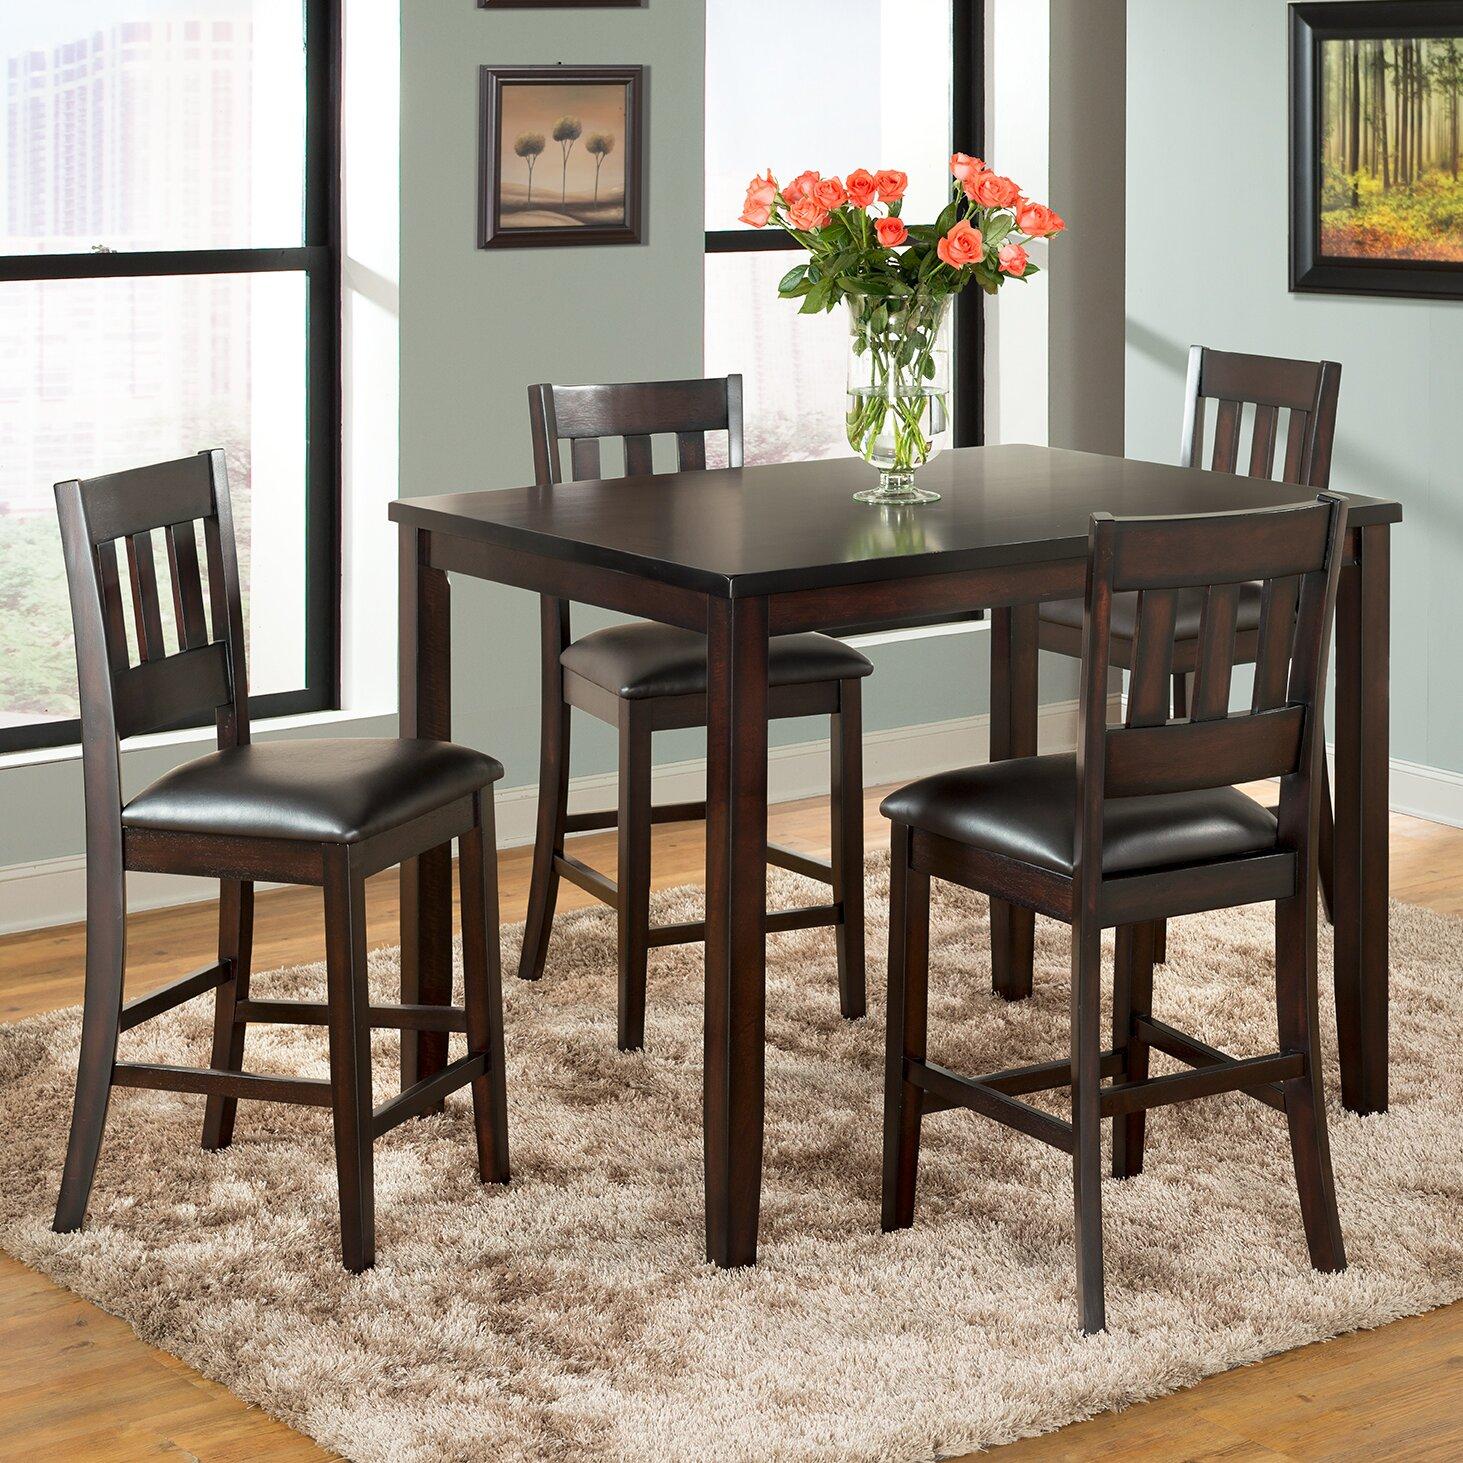 5 Piece Bar Table Set Vilohomeinc Americano 5 Piece Pub Table Set Reviews Wayfair